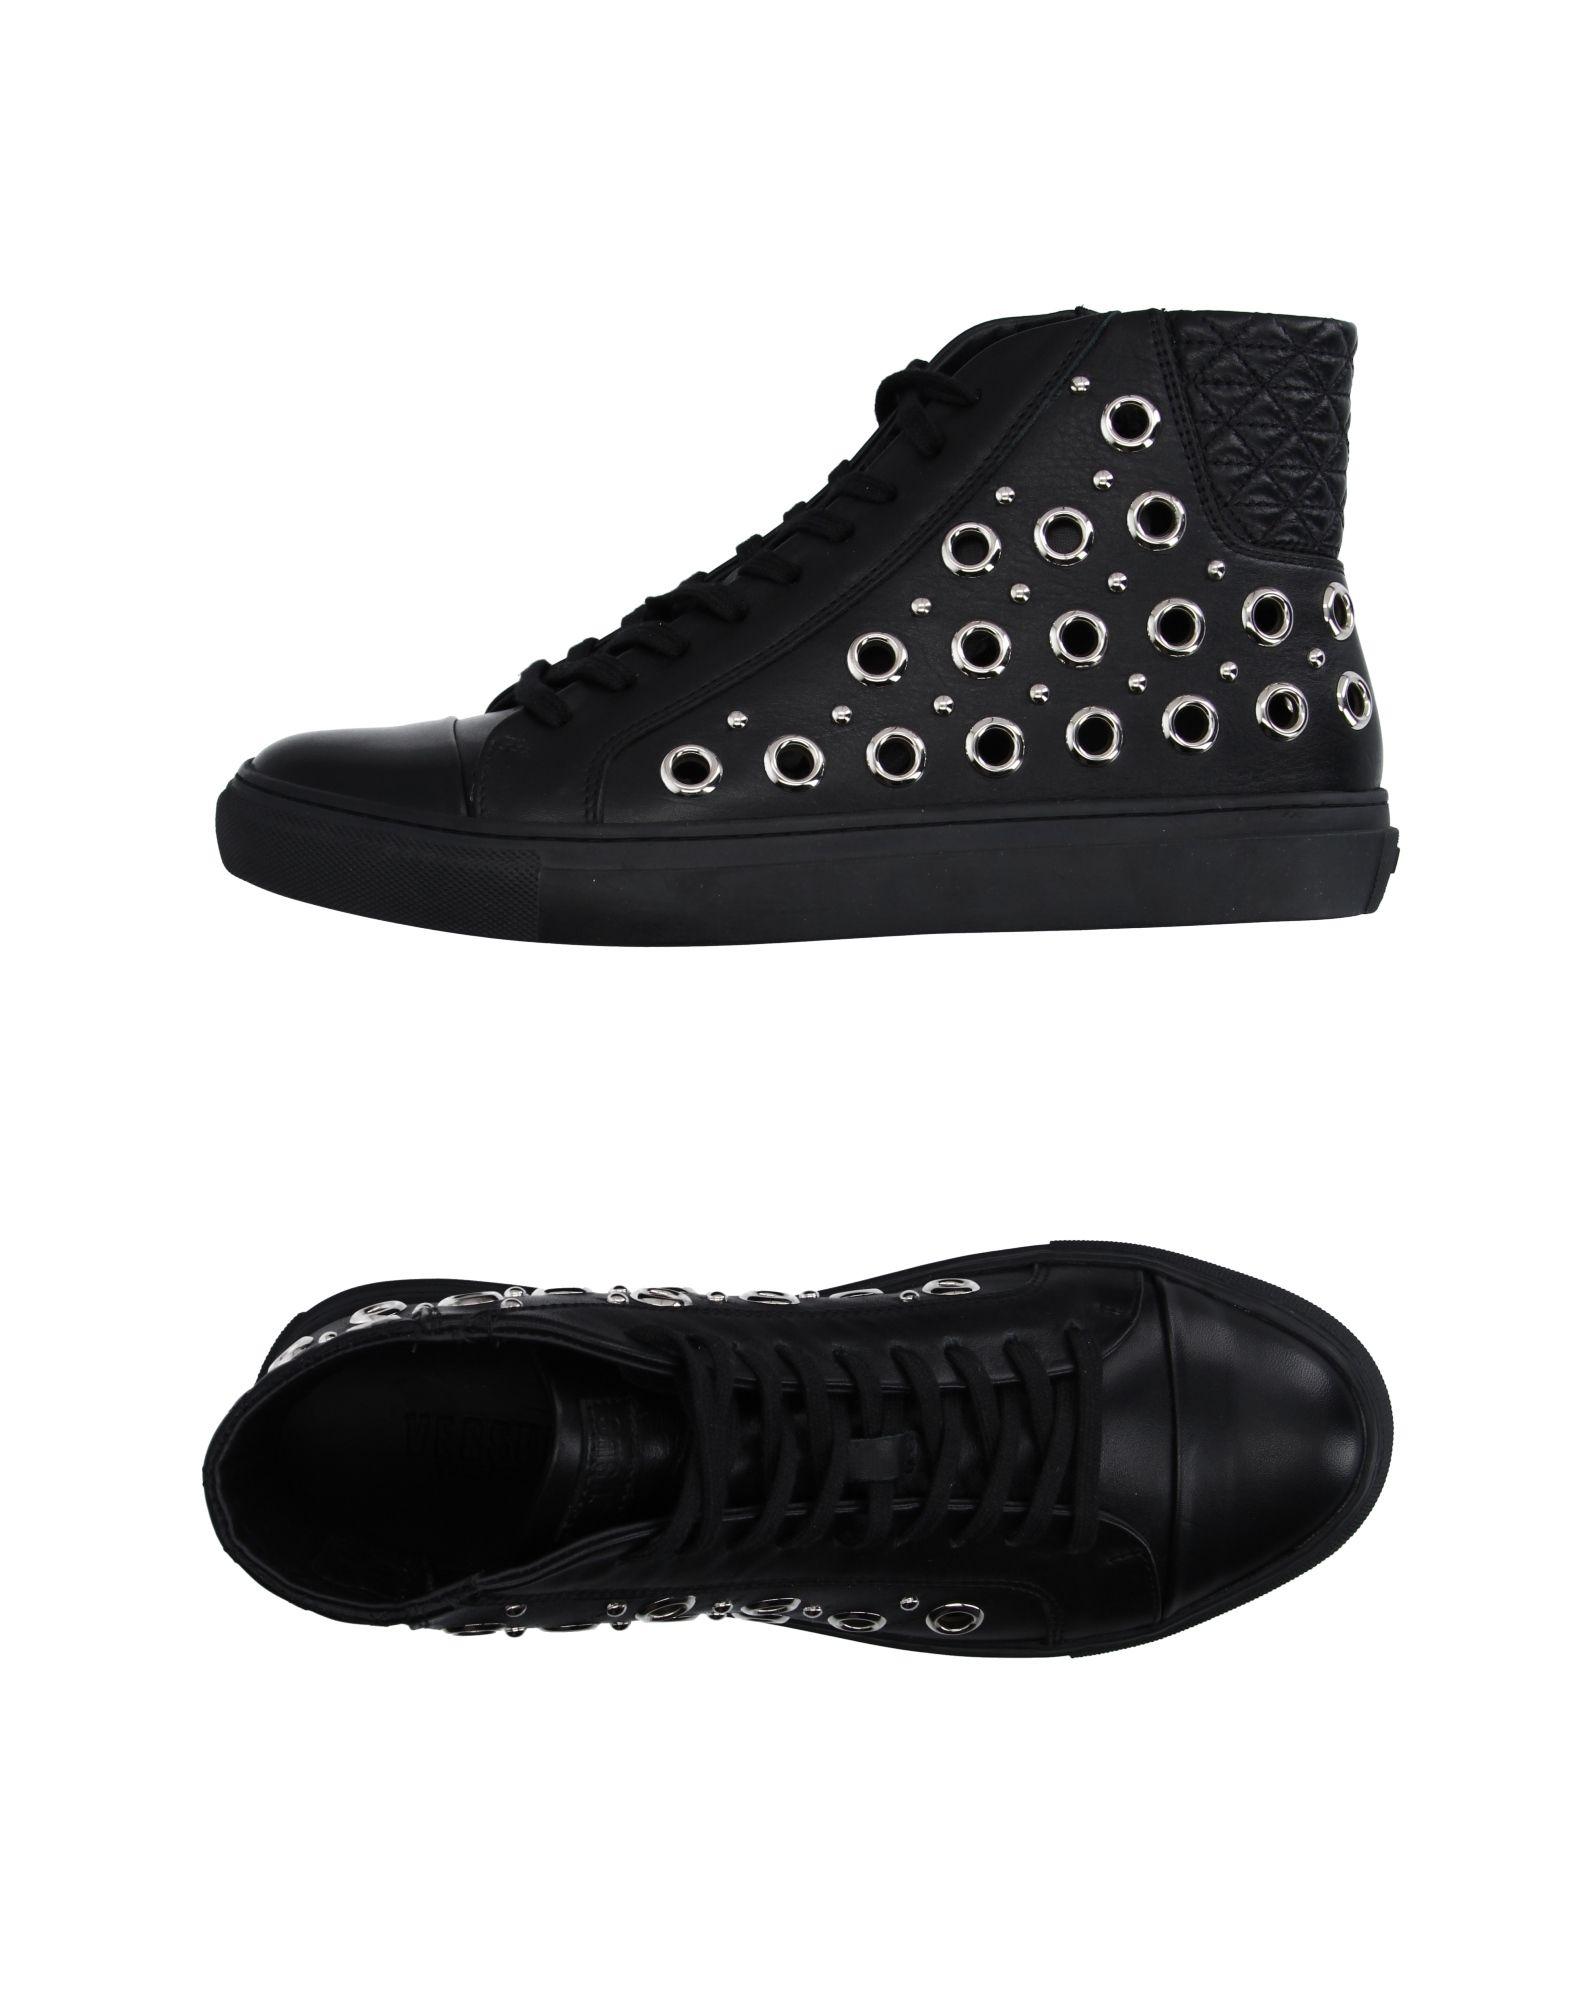 Versus Versace Sneakers Herren  11124453TQ Gute Qualität beliebte Schuhe